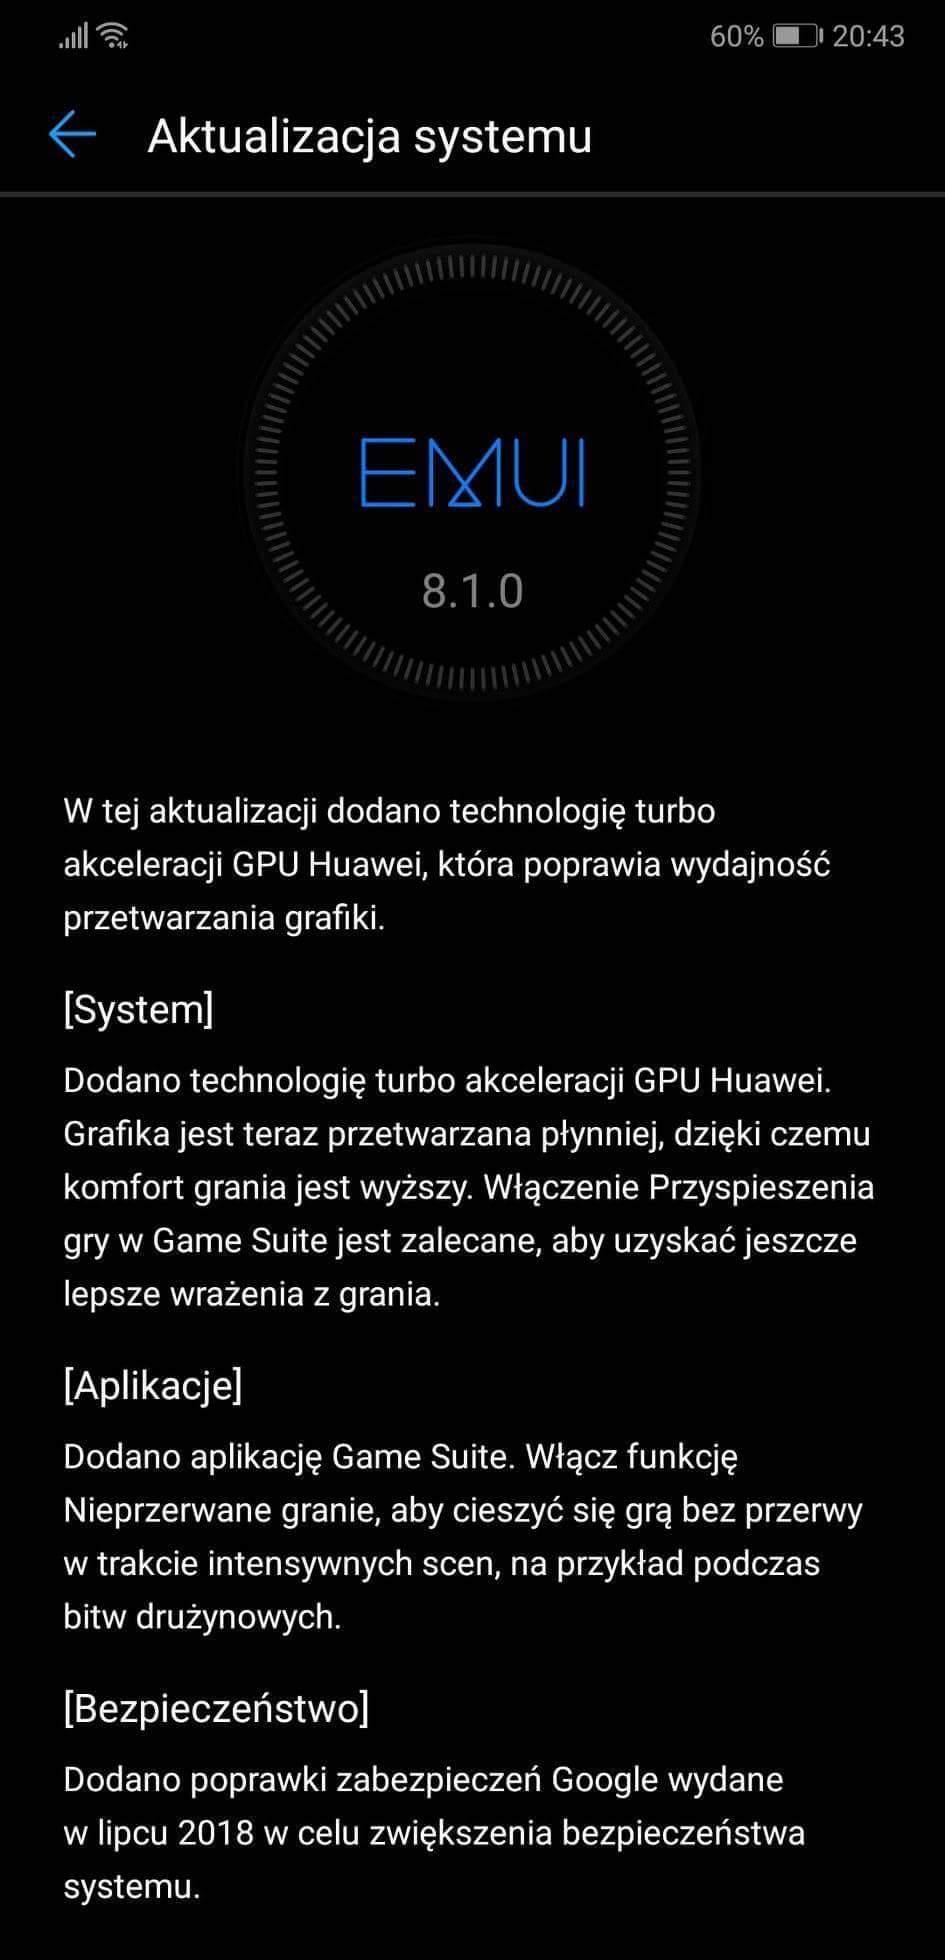 Huawei P20 Pro jako pierwszy w Polsce dostaje aktualizację GPU Turbo 21